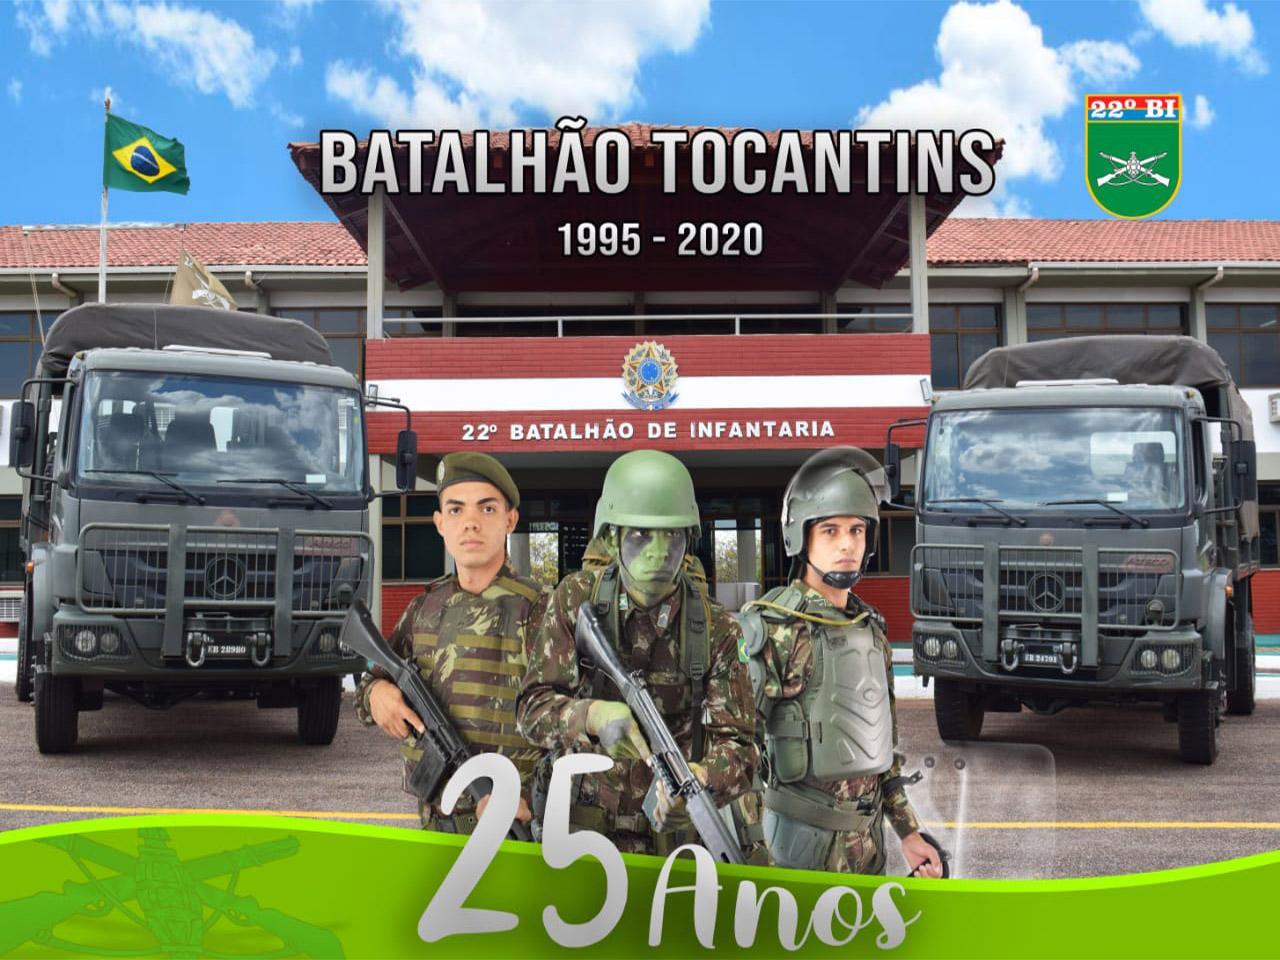 22º Batalhão de Infantaria – Batalhão Tocantins comemora 25º Aniversário de Criação